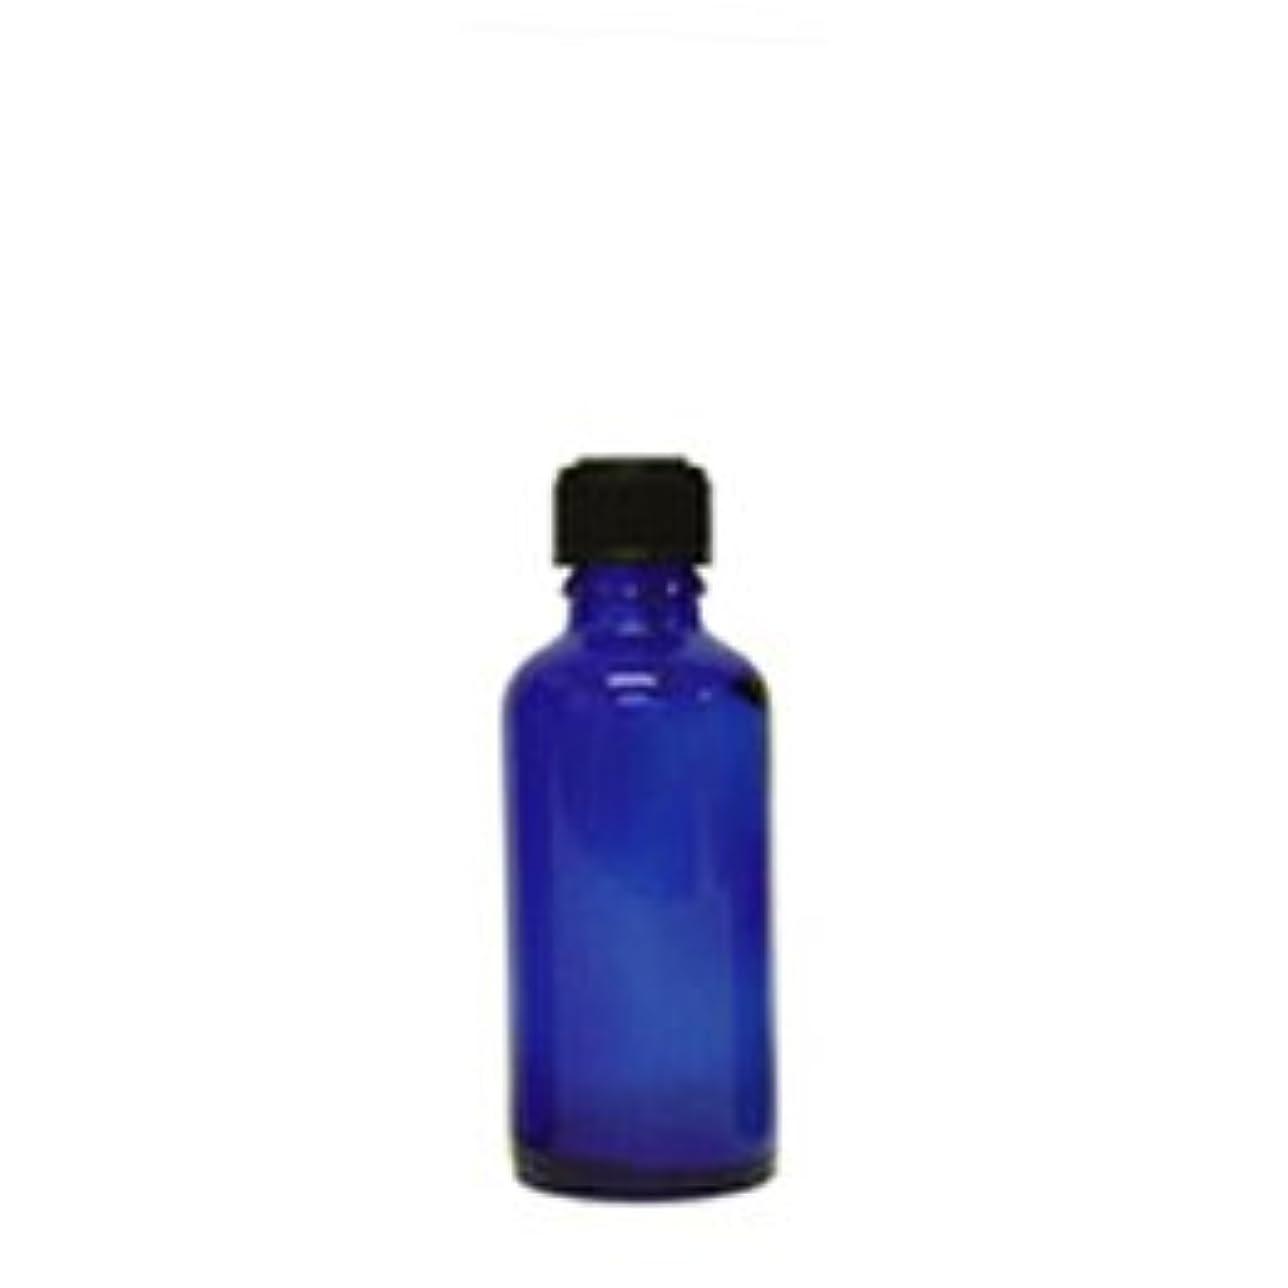 青色遮光ビン 50ml (ドロッパー付)